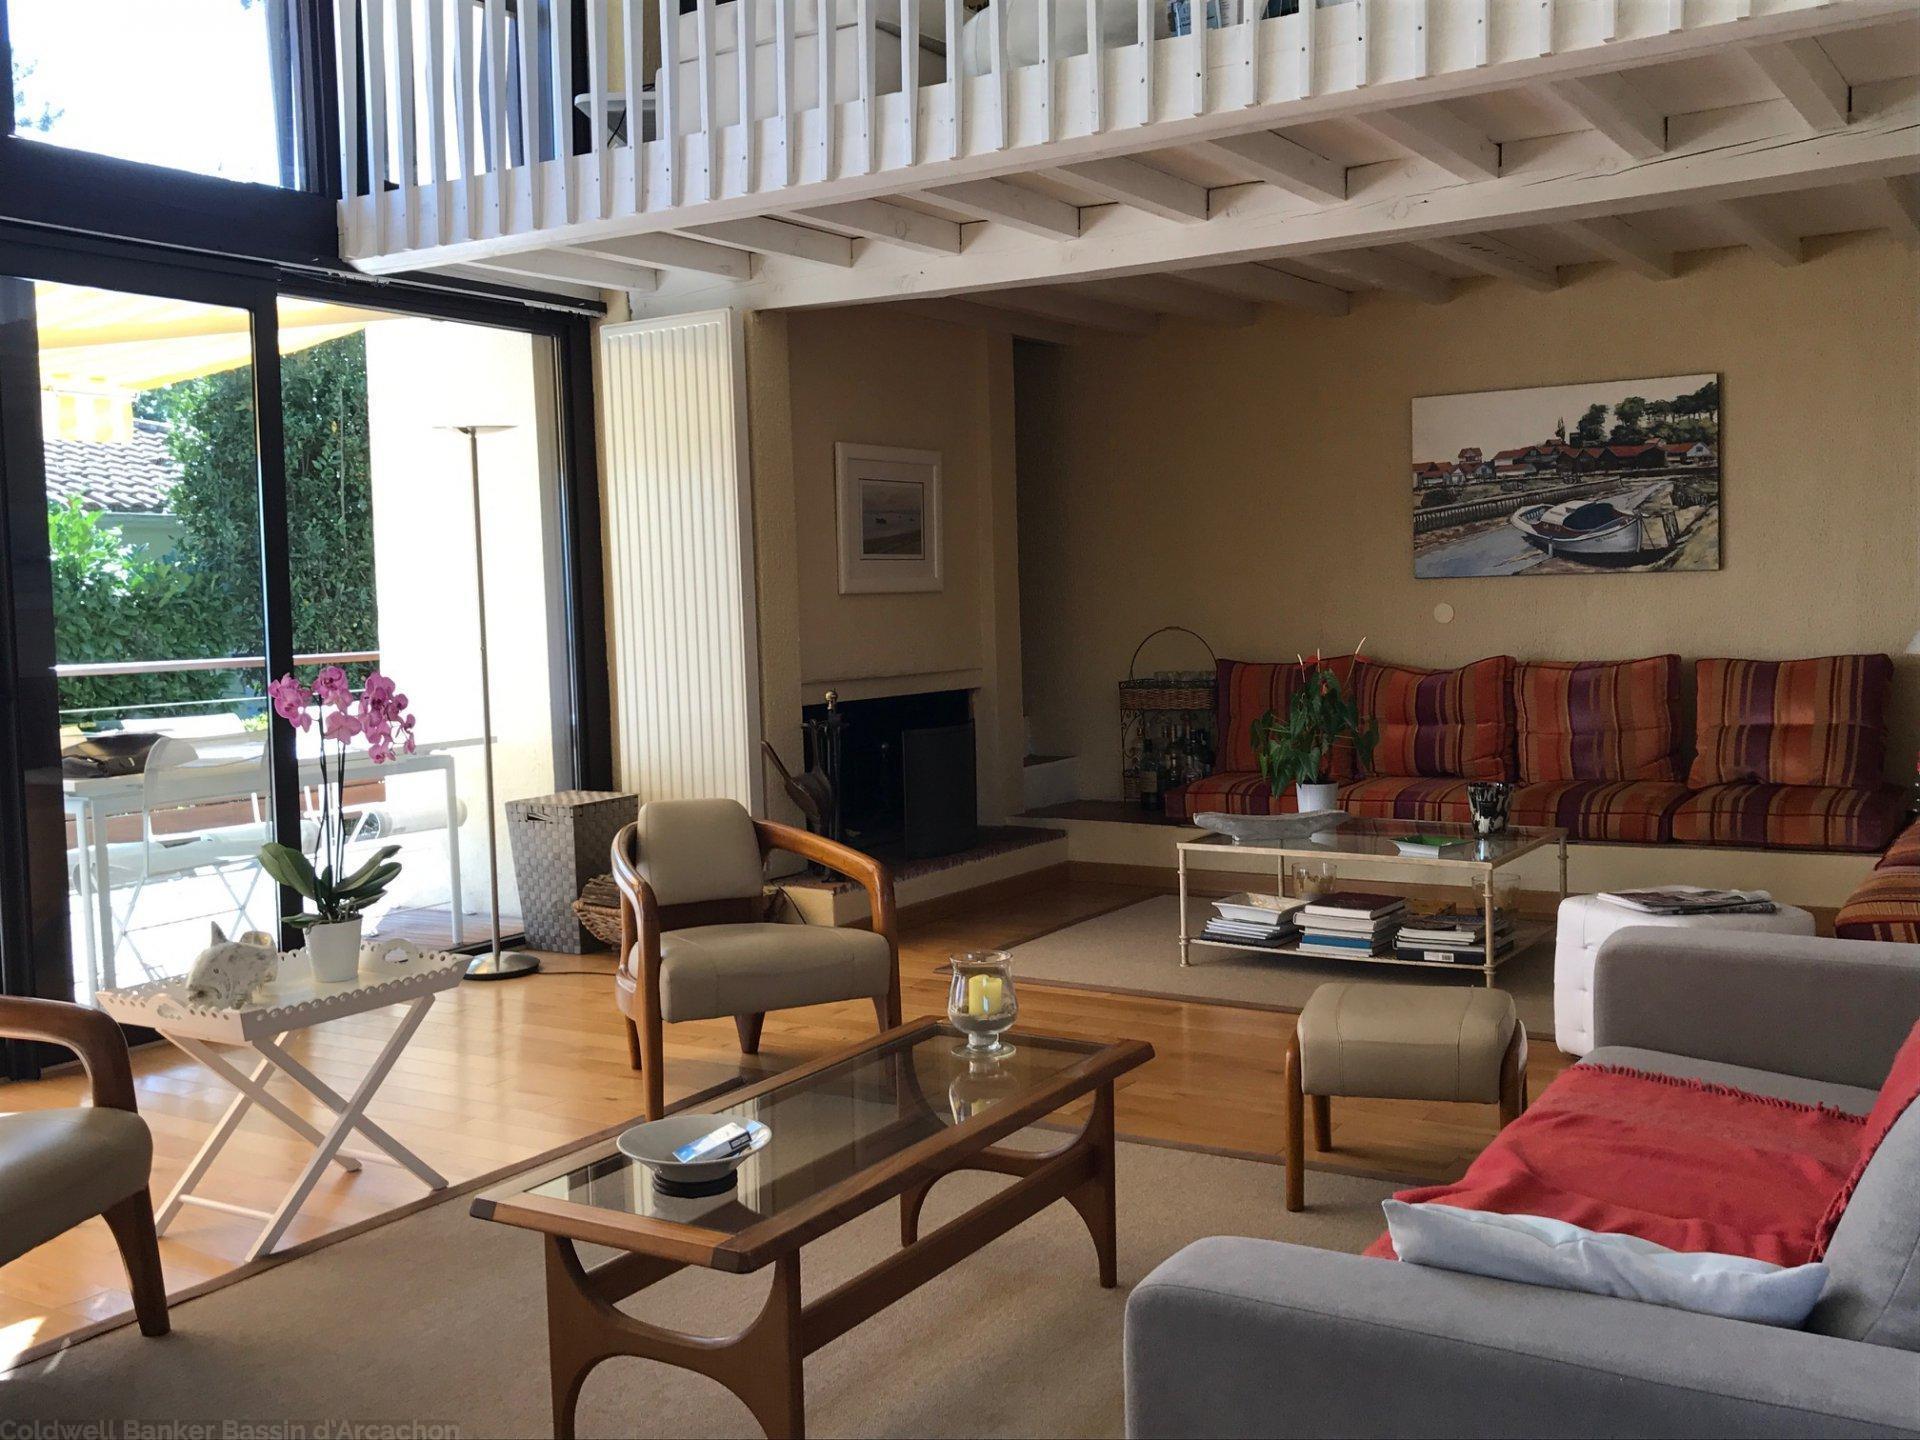 achat maison/villa plus 250 m2 proche plage et commerces le canon cap ferret